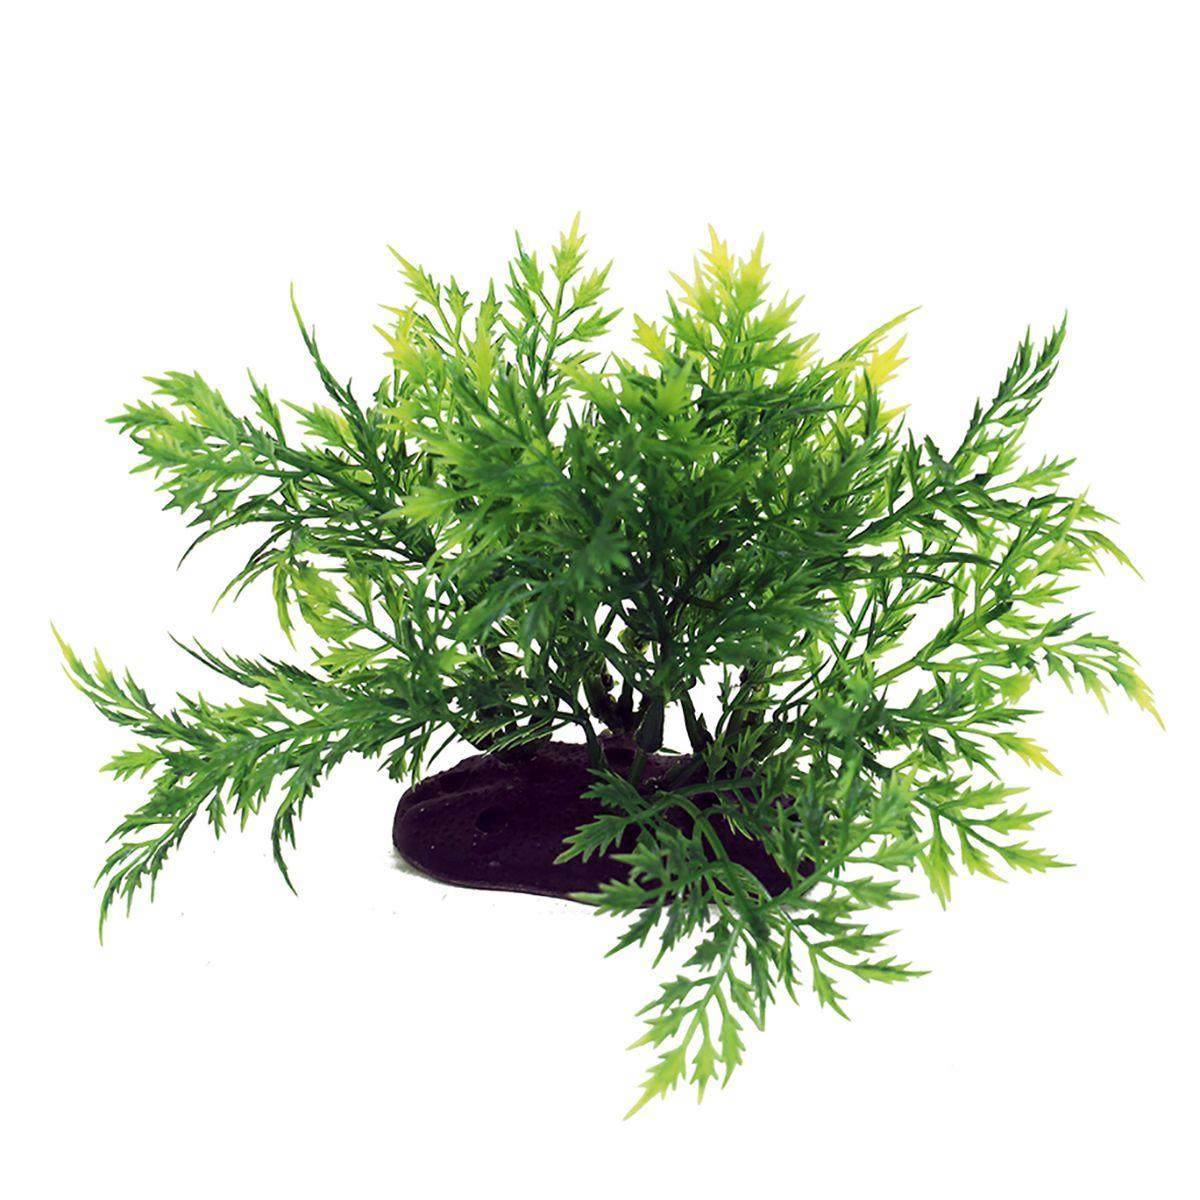 Растение для аквариума ArtUniq Болбитис, высота 10-12 смART-1192121Растение для аквариума ArtUniq Болбитис, высота 10-12 см